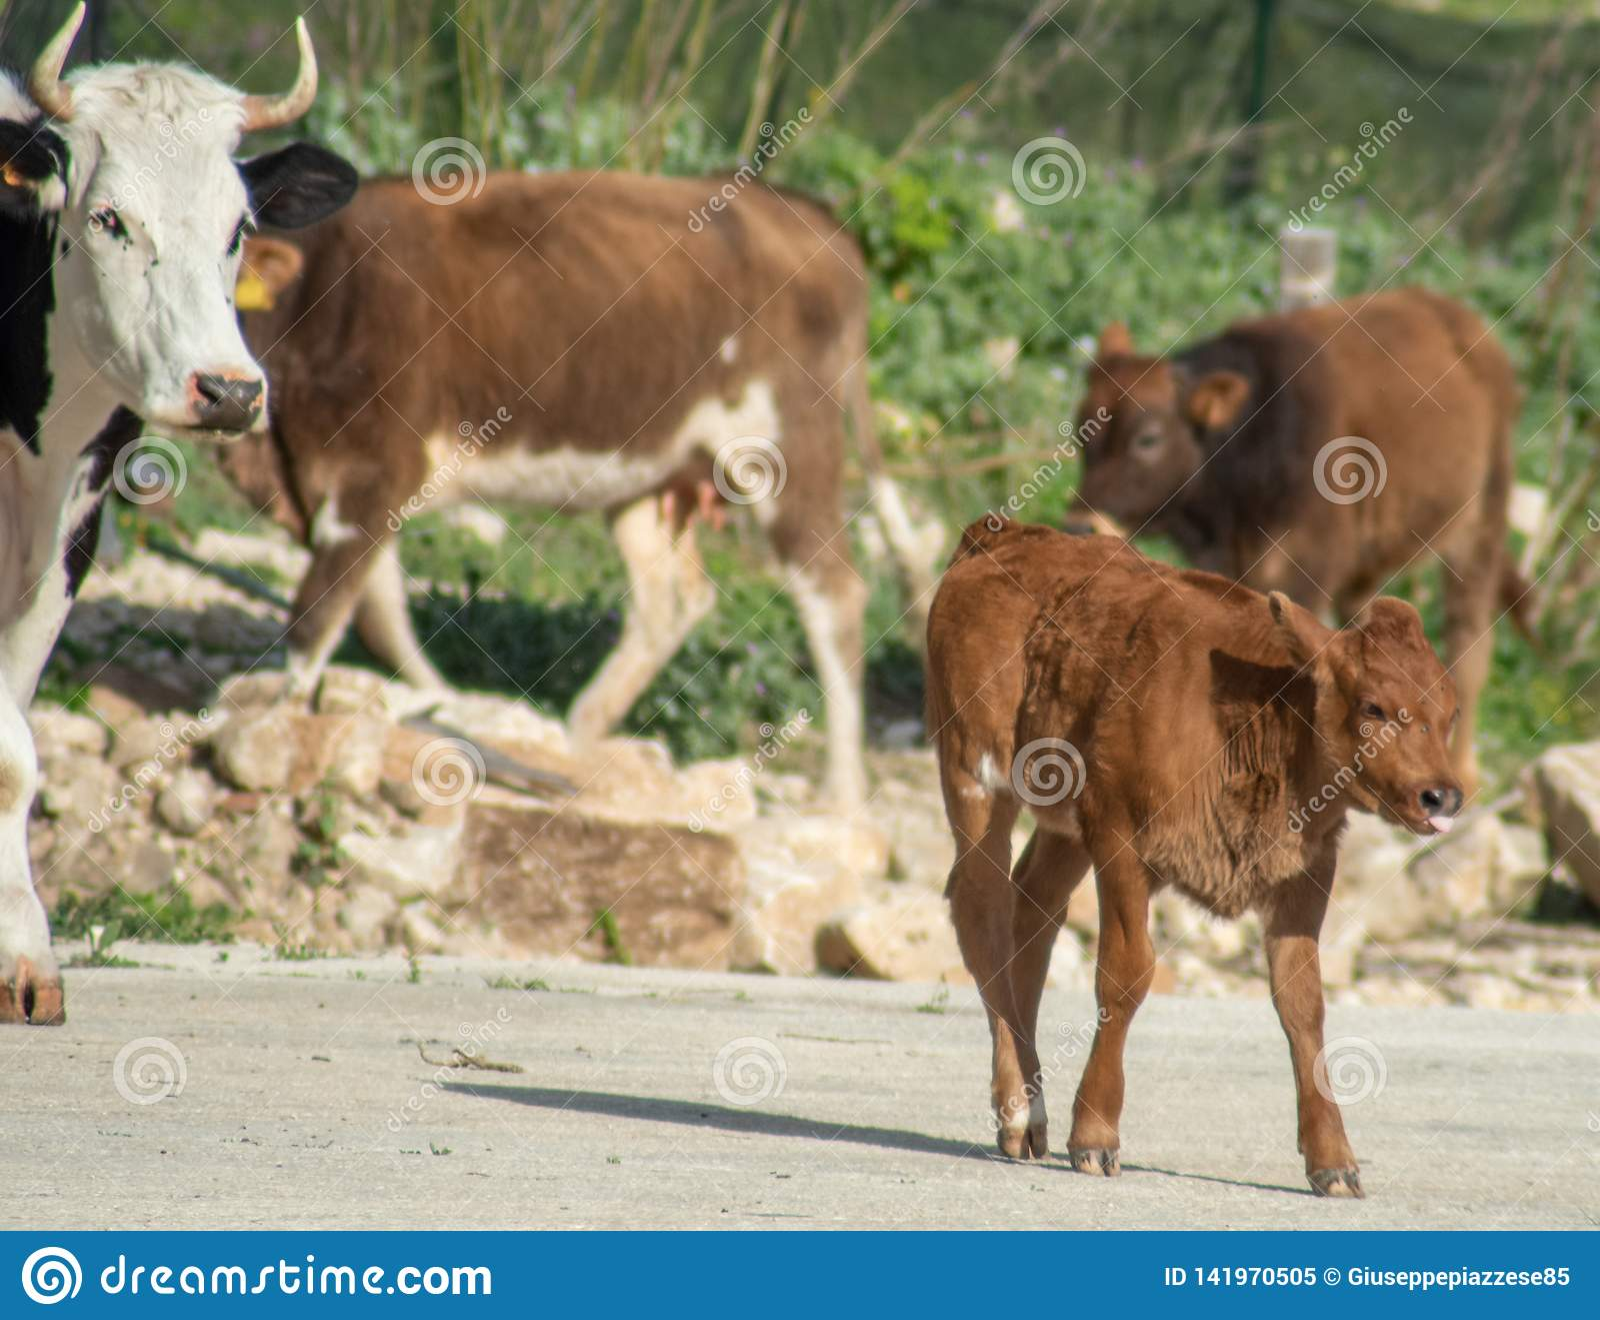 Algumas vacas ao pastar